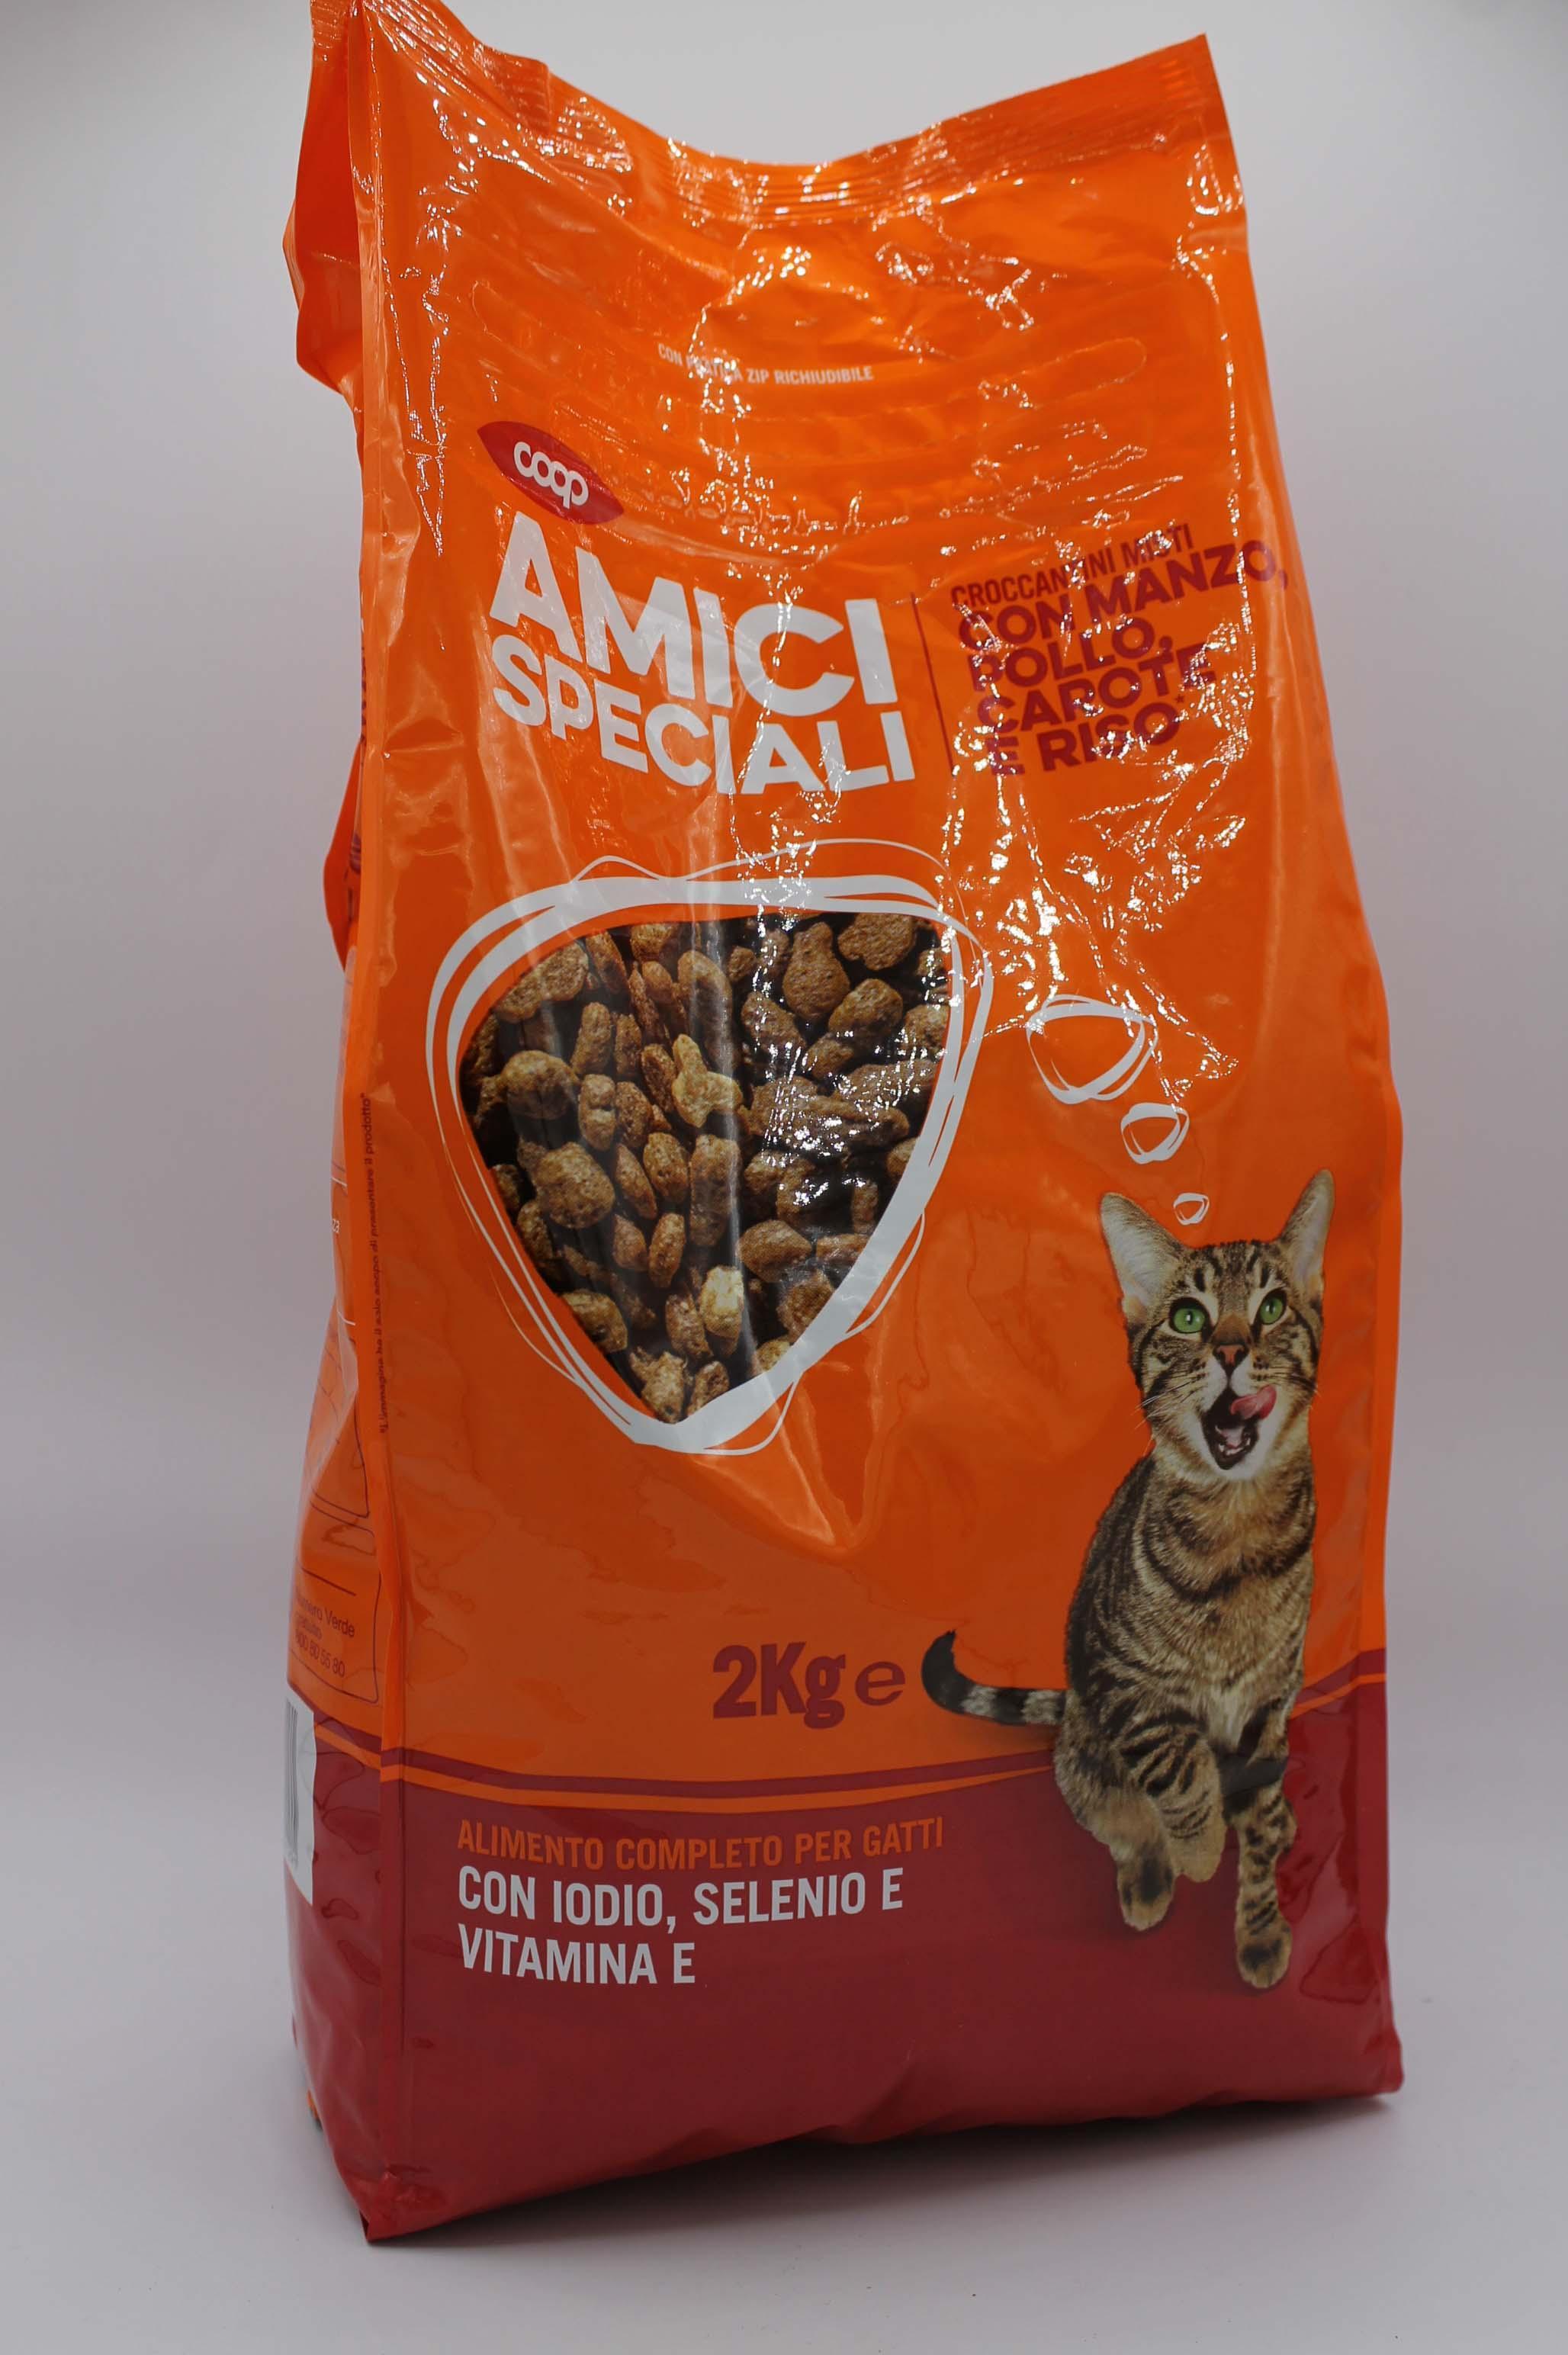 Coop croccantini gatto manzo/pollo/carote/riso 2kg.